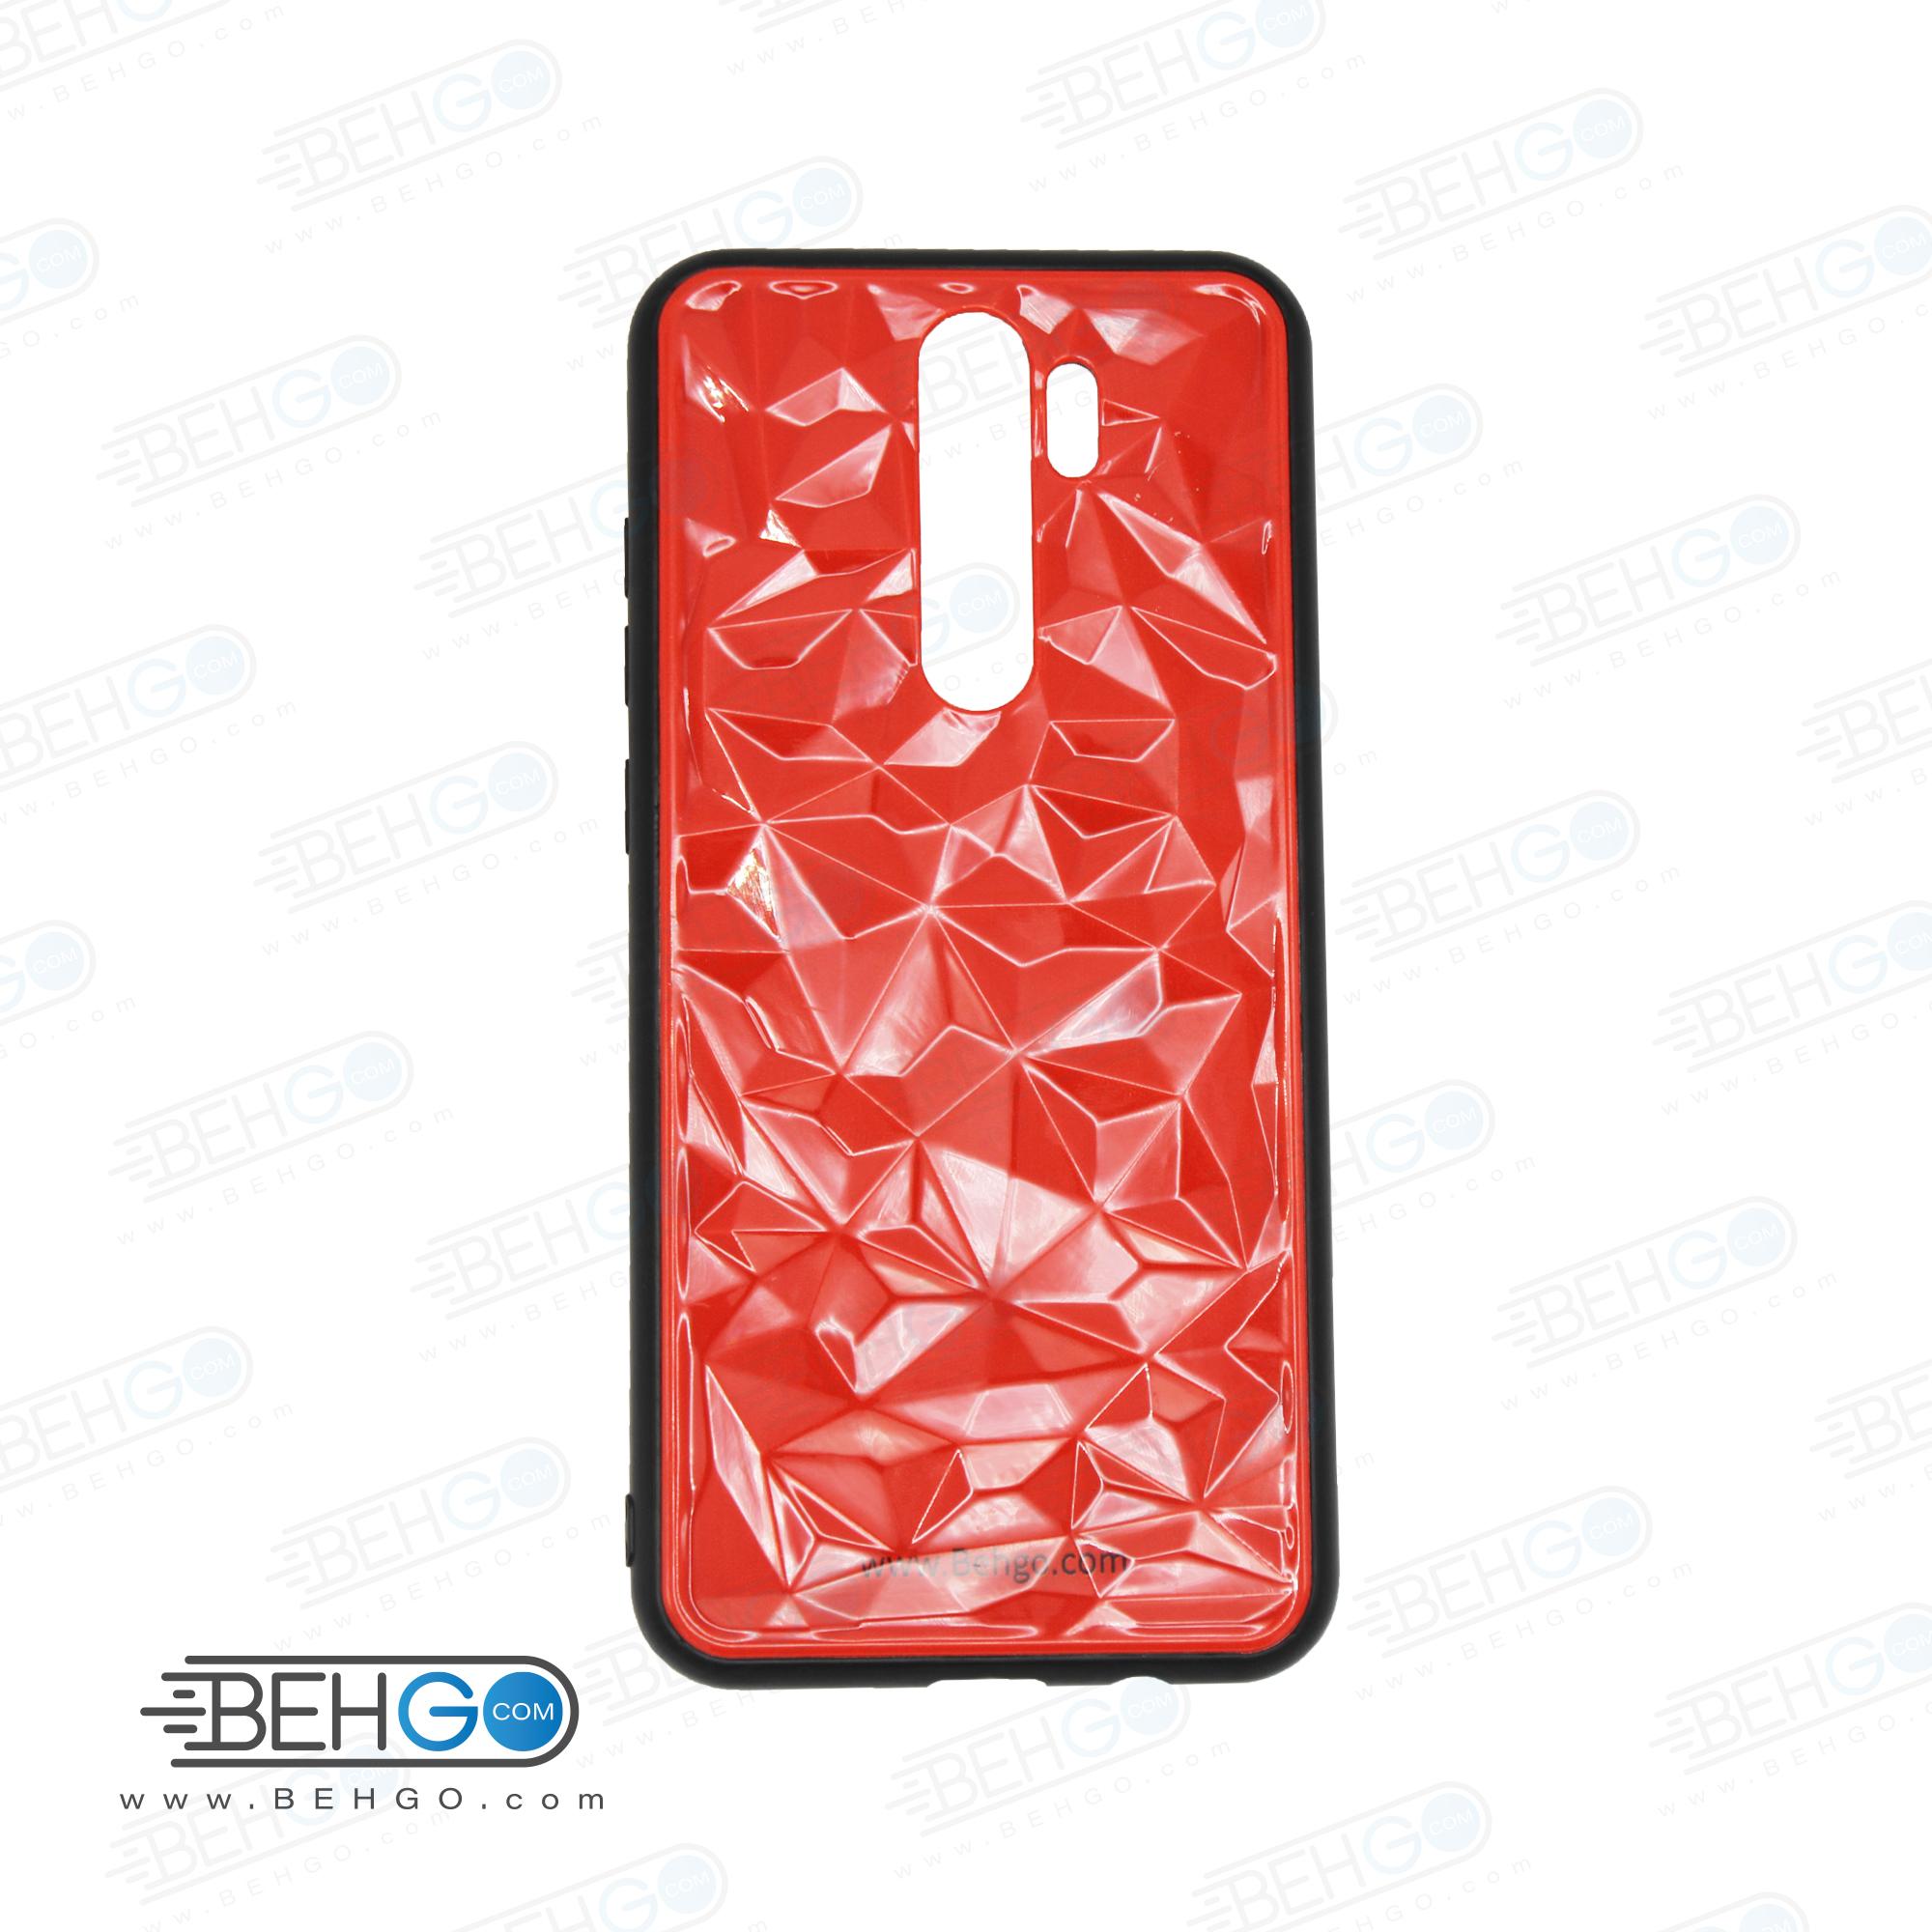 قاب گوشی شیائومی ردمی نوت8 پرو مدل فانتزی رنگی سه بعدی Redmi Note8